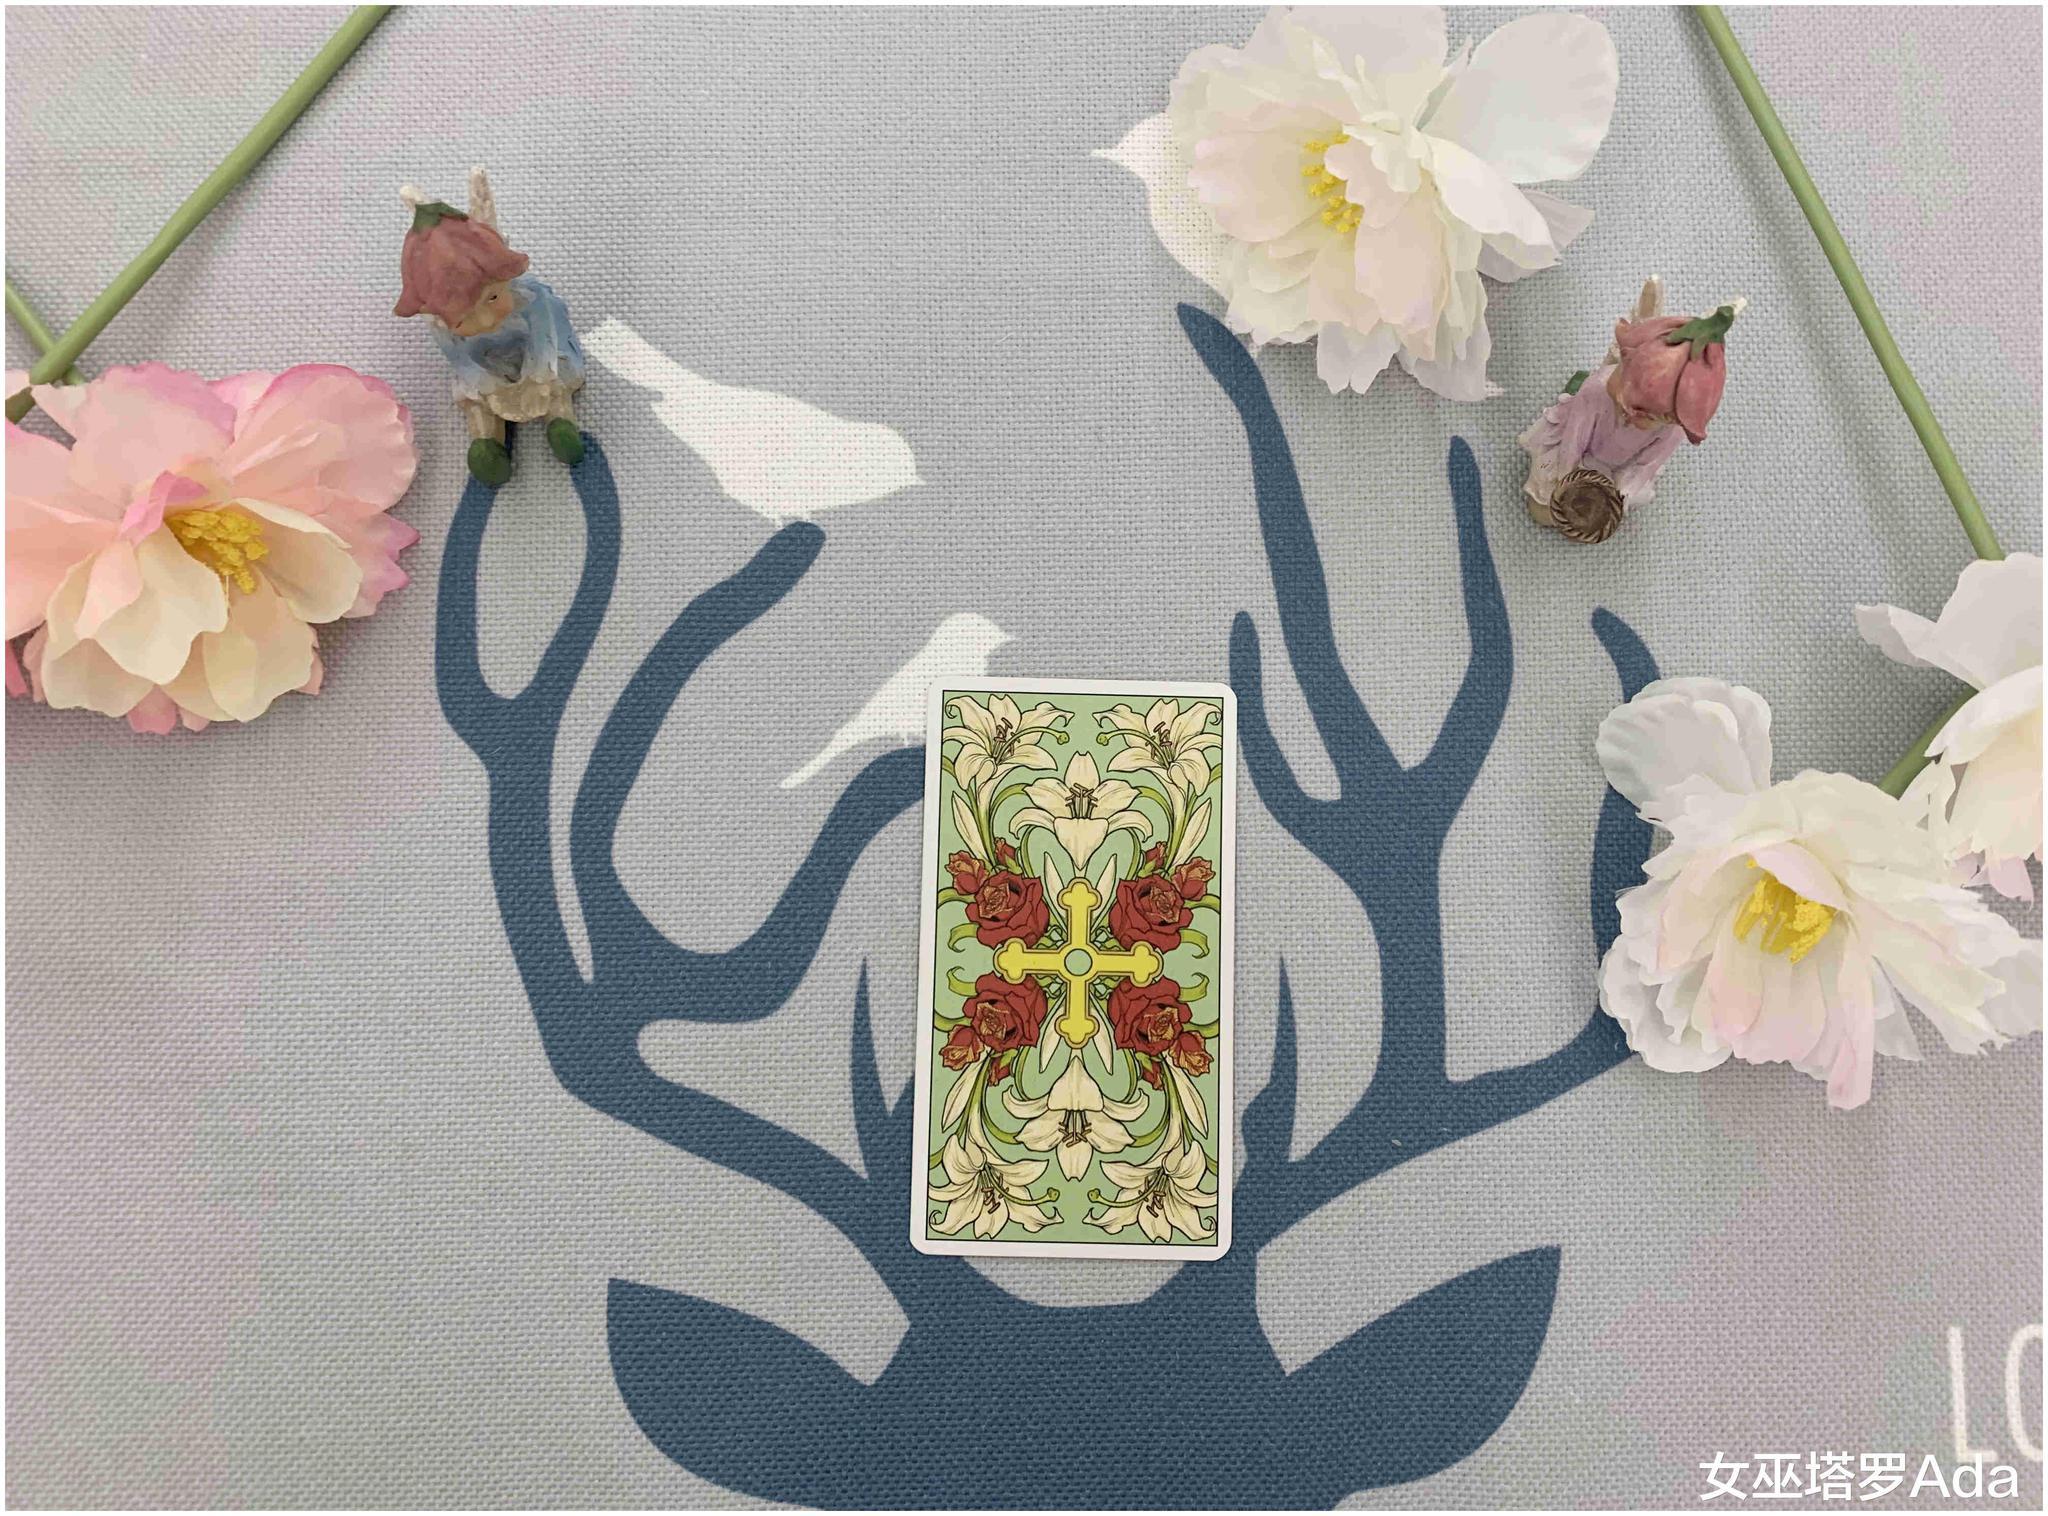 女巫塔罗,水瓶座周运势(11.2-11.8):感情遇瓶颈,趁虚而入